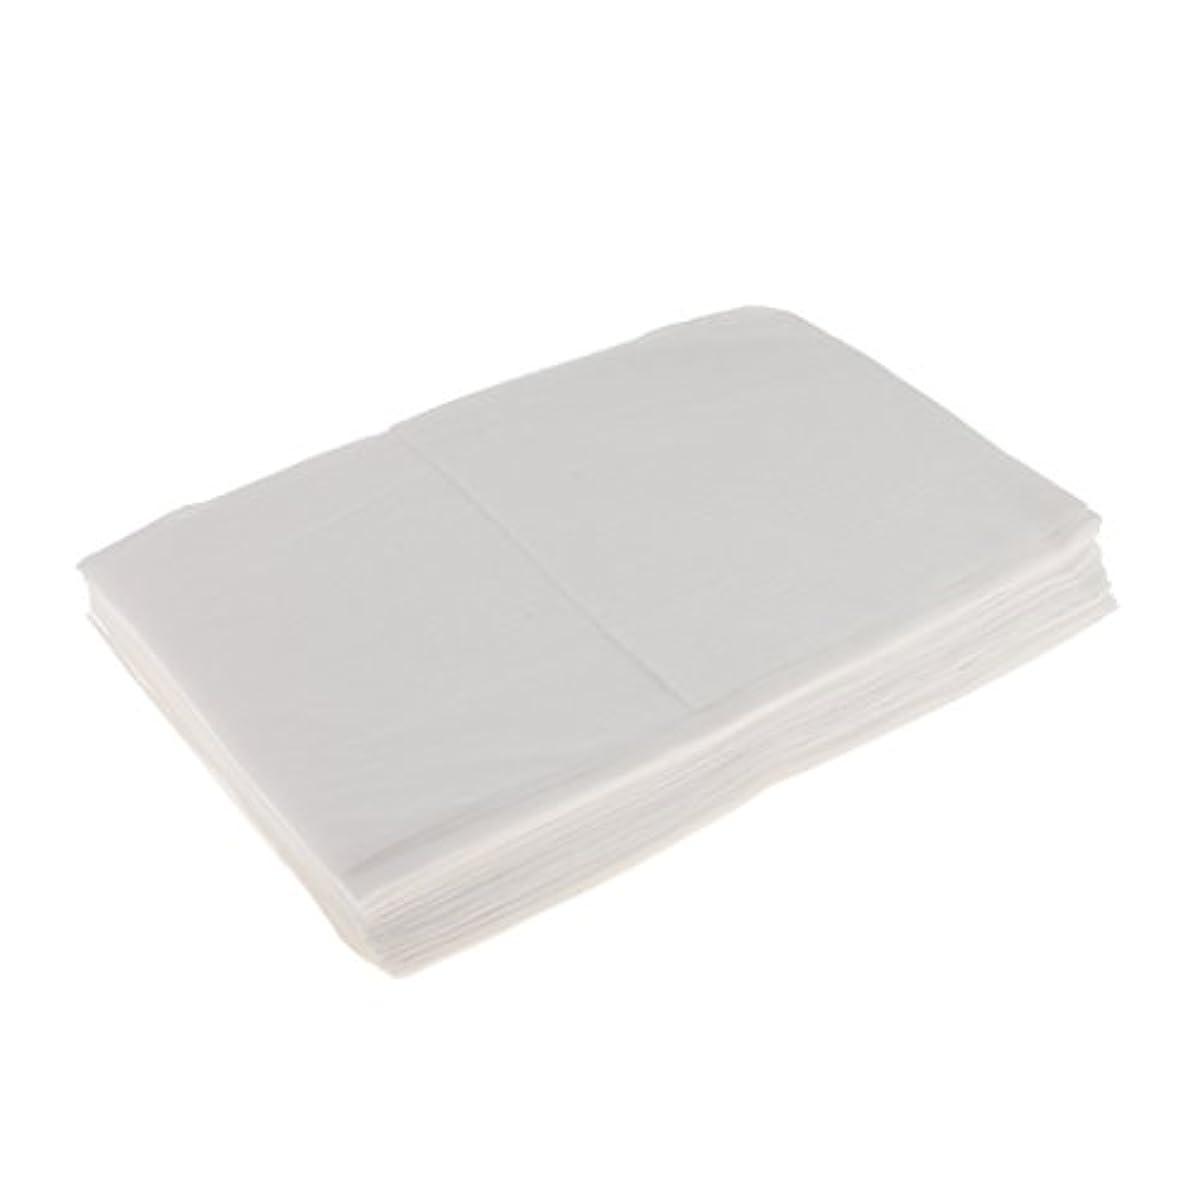 きれいに睡眠縮約Kesoto 10枚 使い捨てベッドシーツ 使い捨て 美容 マッサージ サロン ホテル ベッドパッド カバー シート 2色選べ - 白